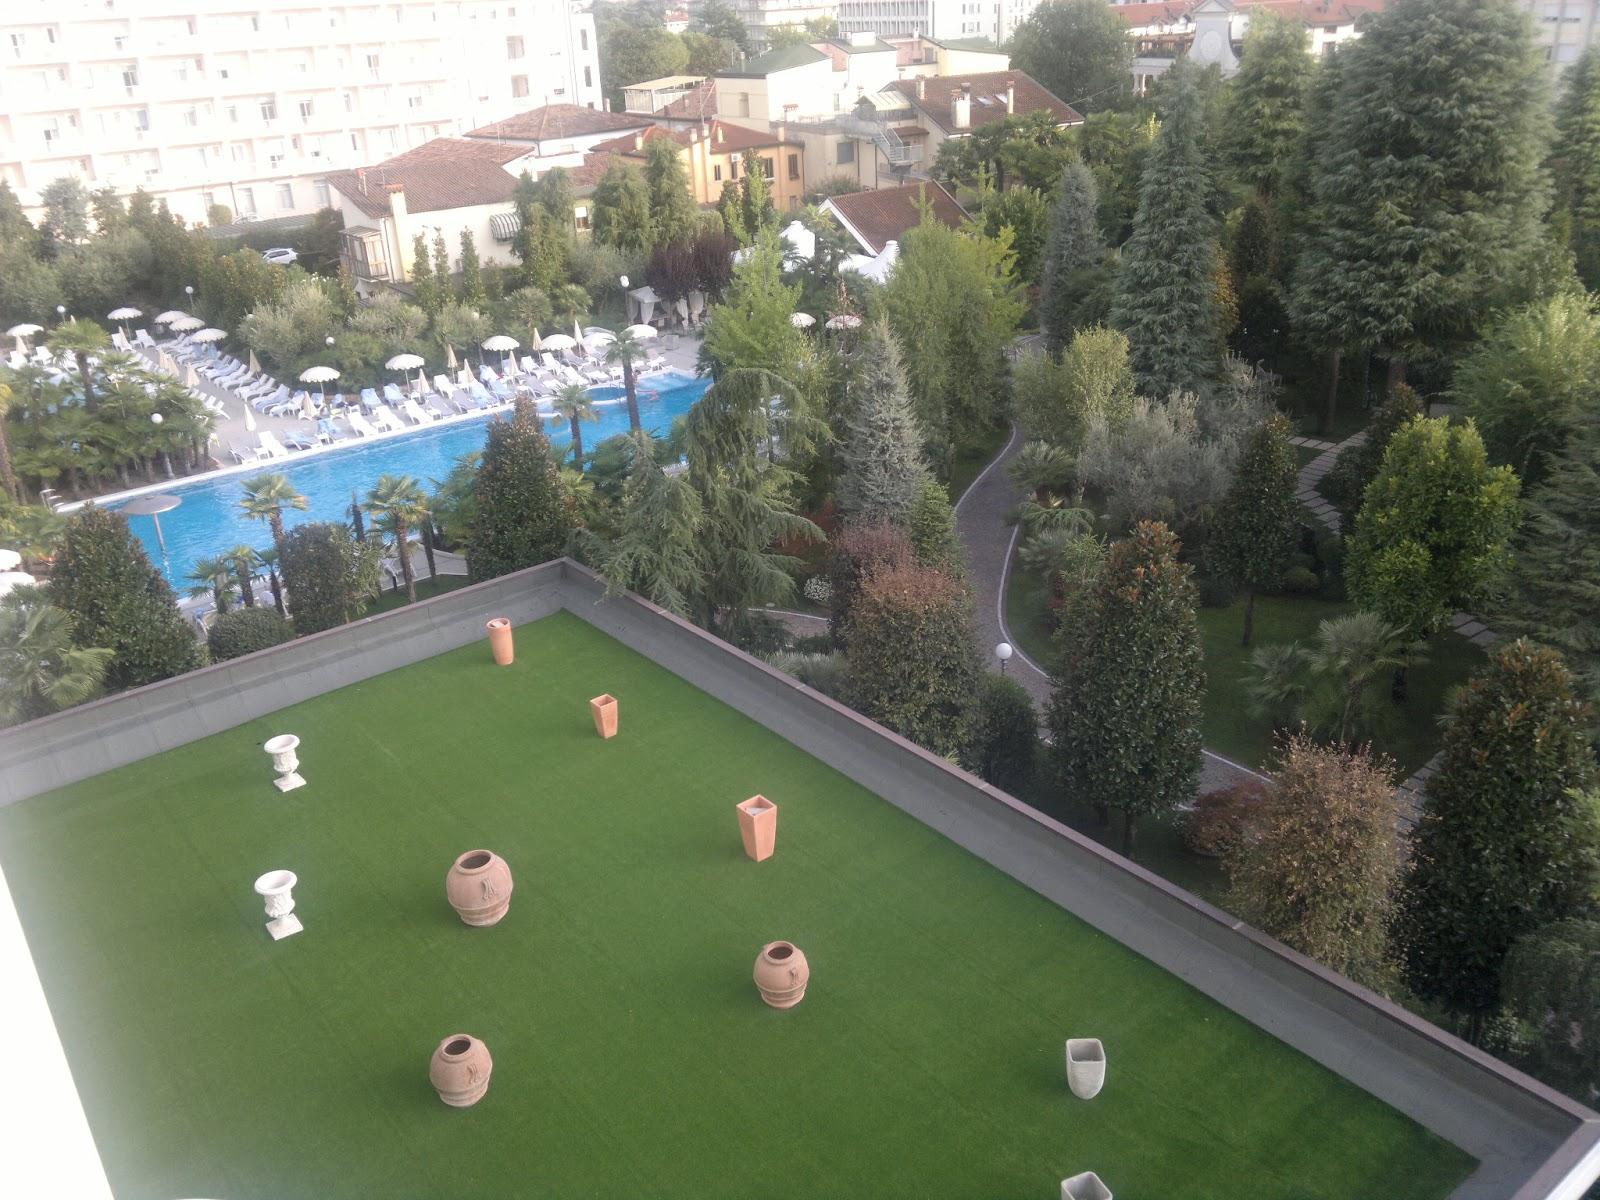 Abano e montegrotto il pi grande parco termale d europa - Piscine termali abano aperte al pubblico ...